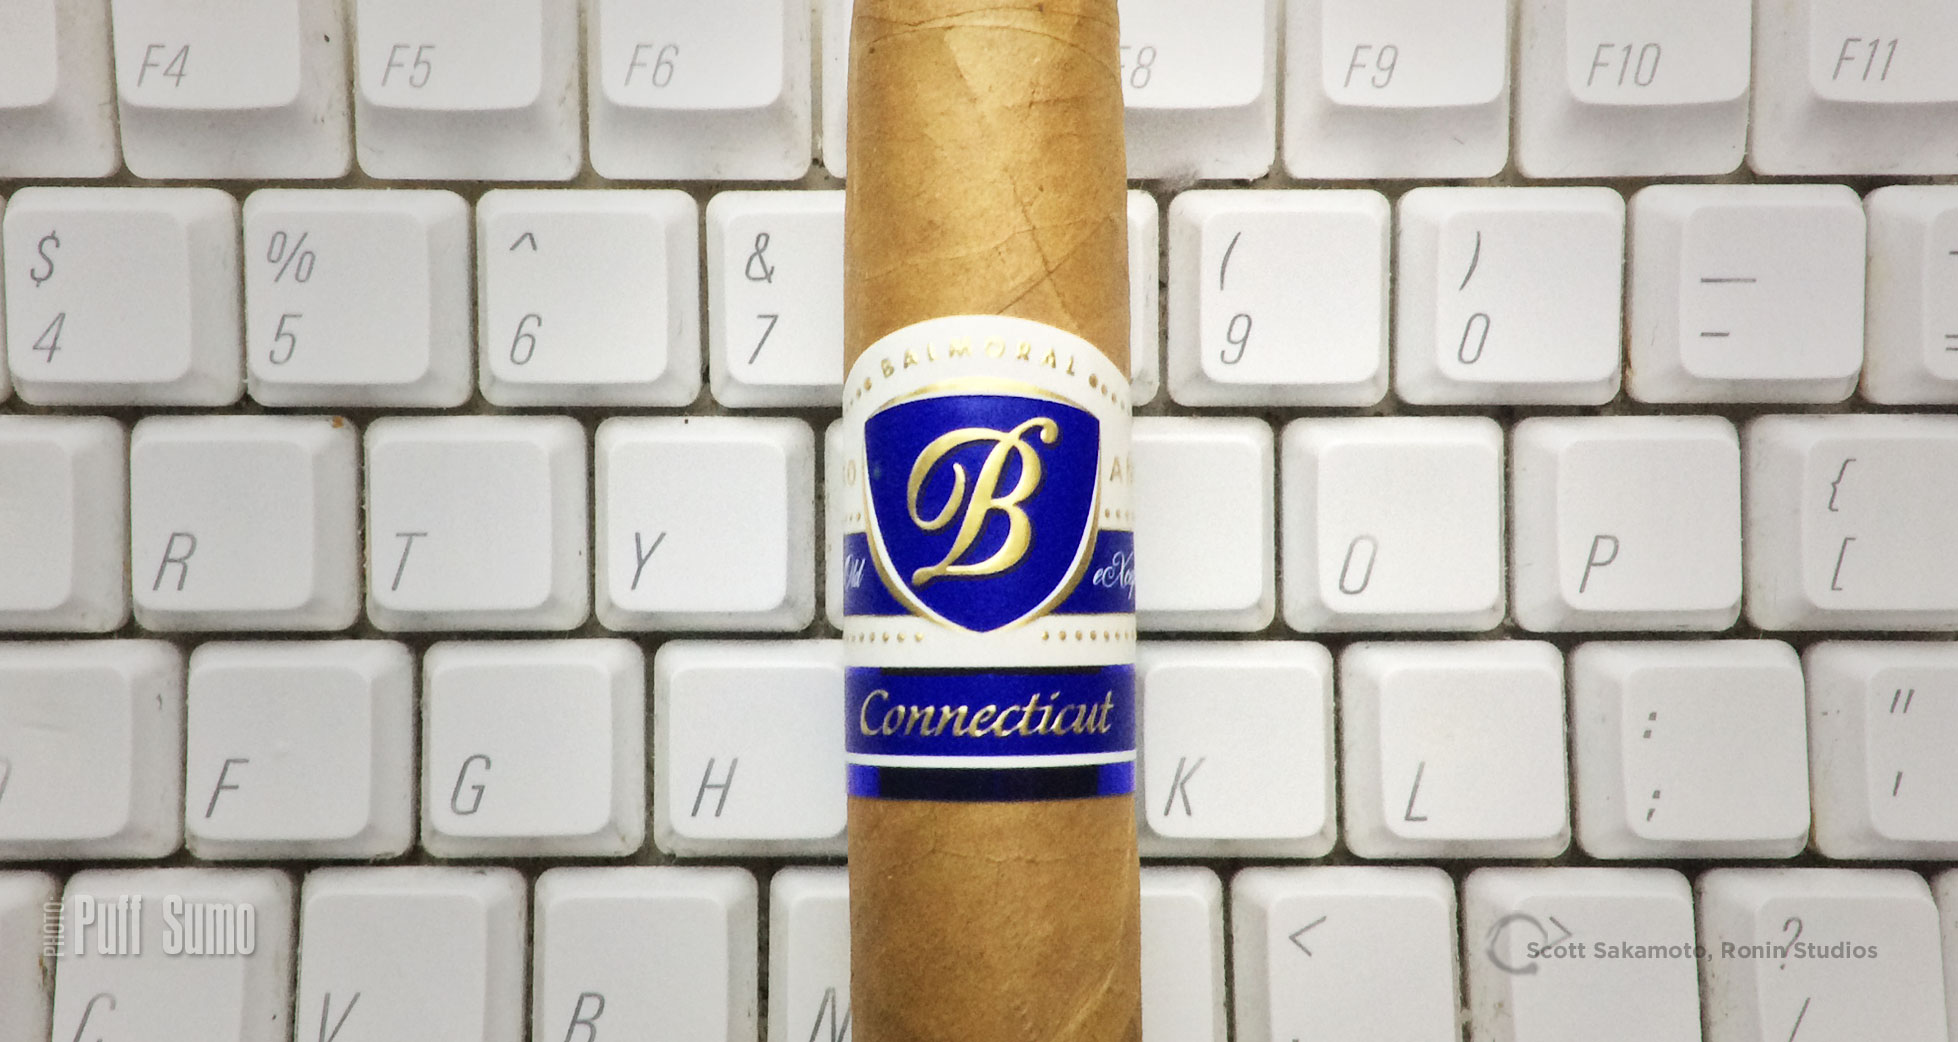 Anejo XO, Balmoral, Connecticut Shade, Dominican Republic, Ecuadorian: Sumatra, Royal Agio